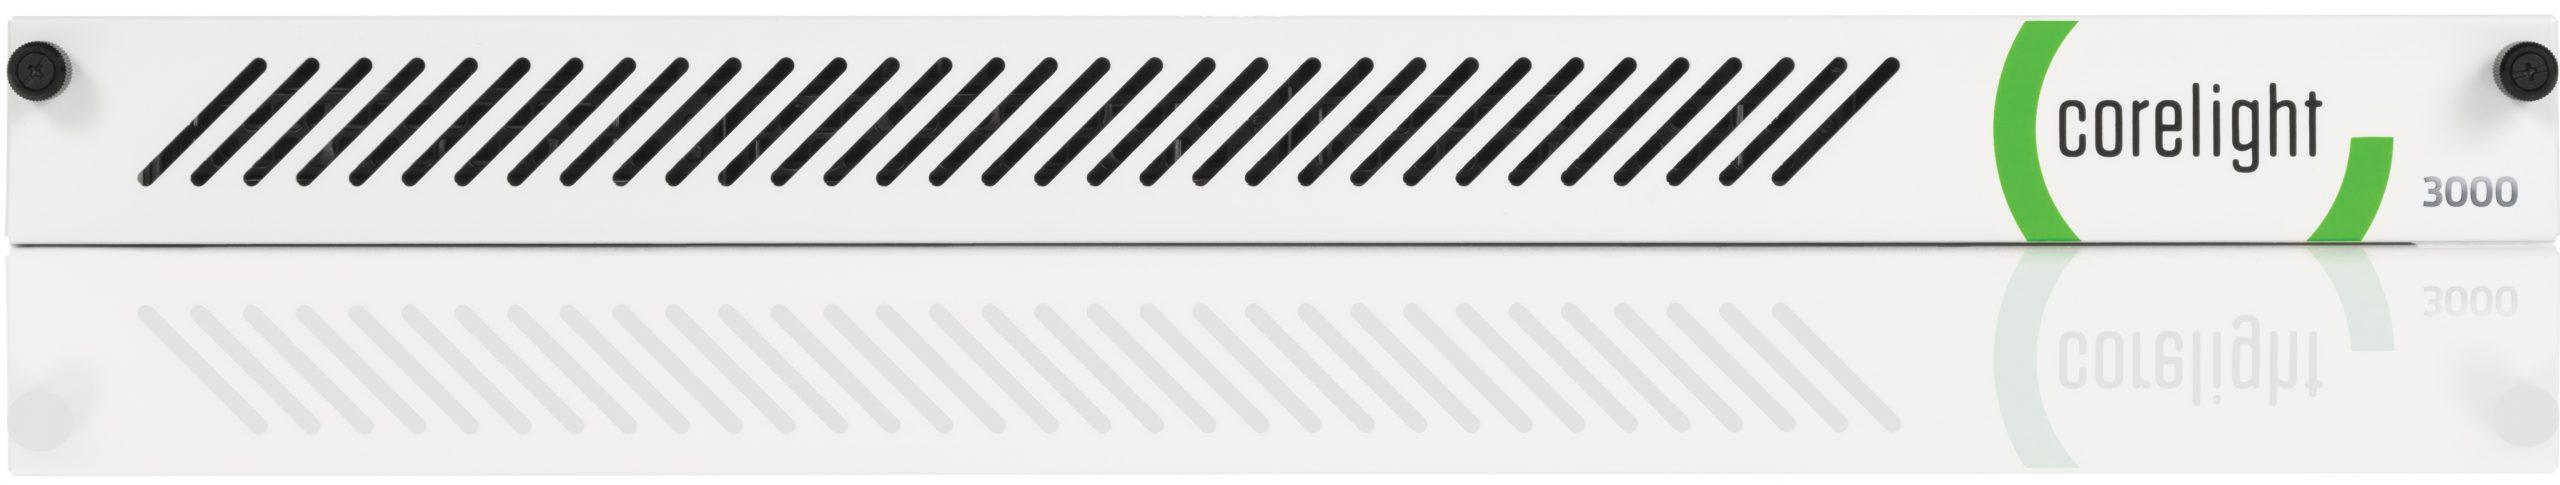 Sensor AP 3000 de Corelight, solución Enterprise de Zeek